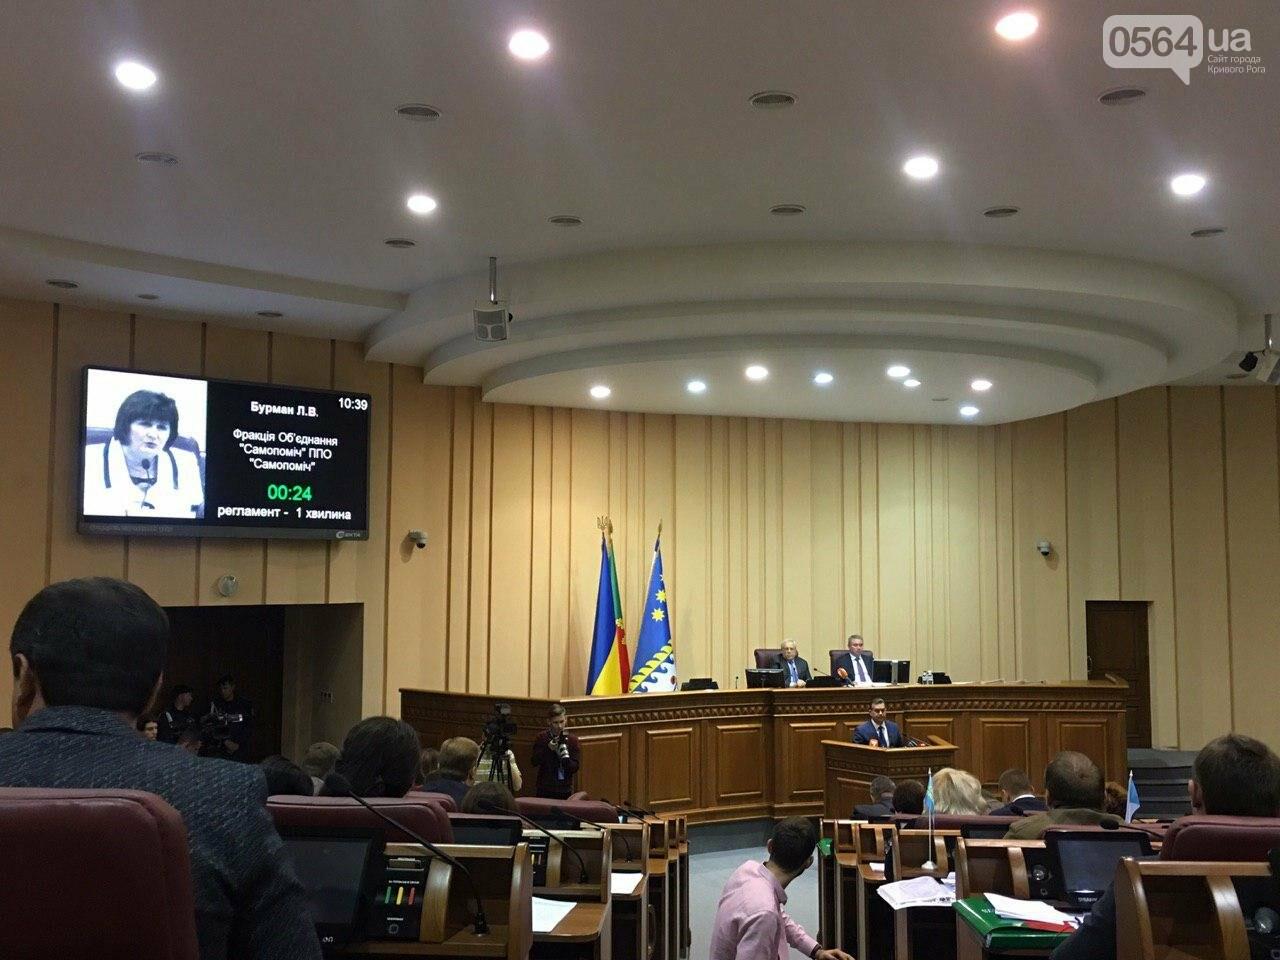 Криворожский городской совет не доверил экс-нардепу Павлову должность заместителя мэра, - ФОТО, фото-5